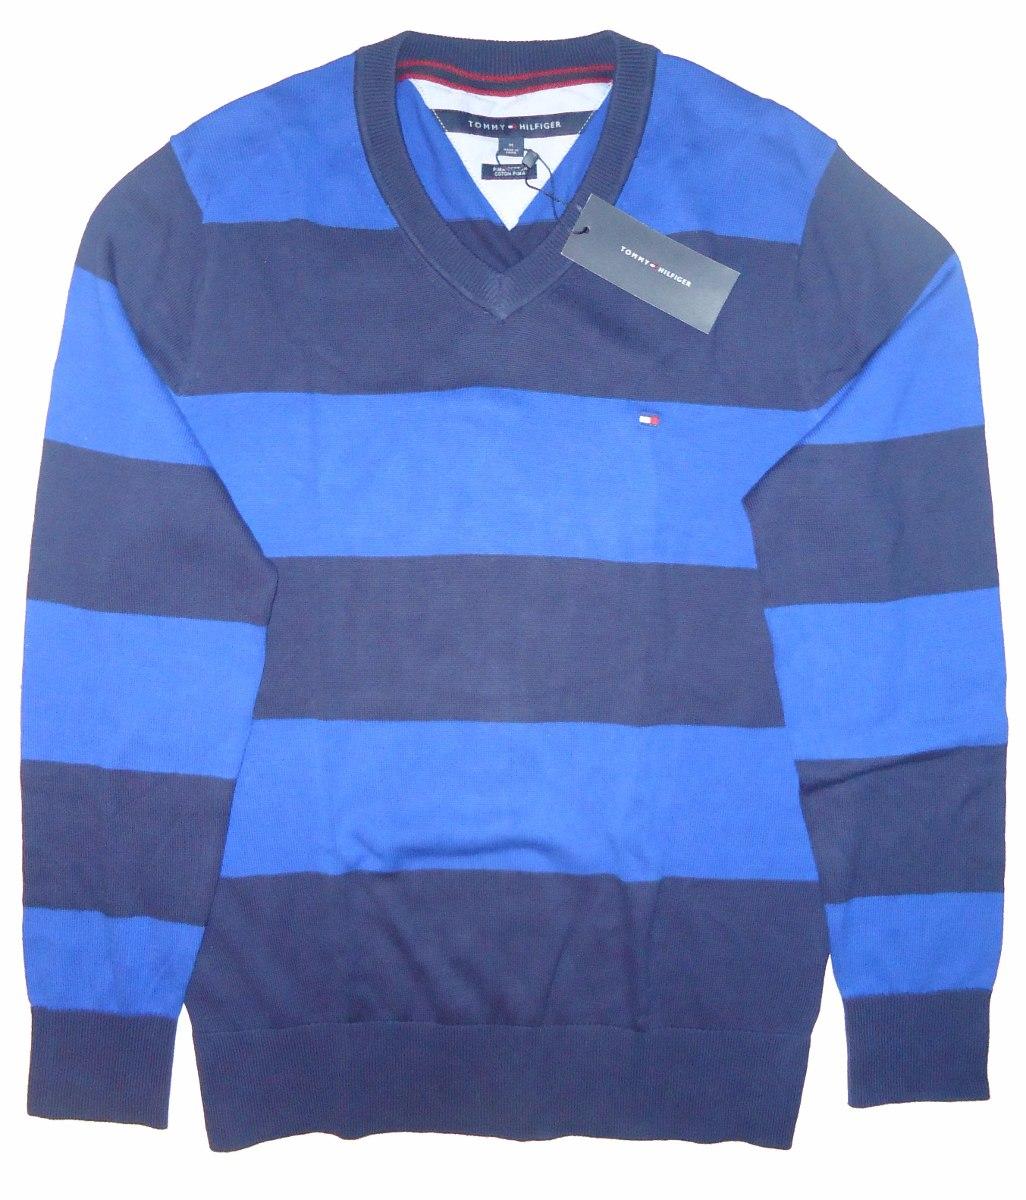 Chaleco / Sweater Rayas Azul , Tommy Hilfiger , Talla M